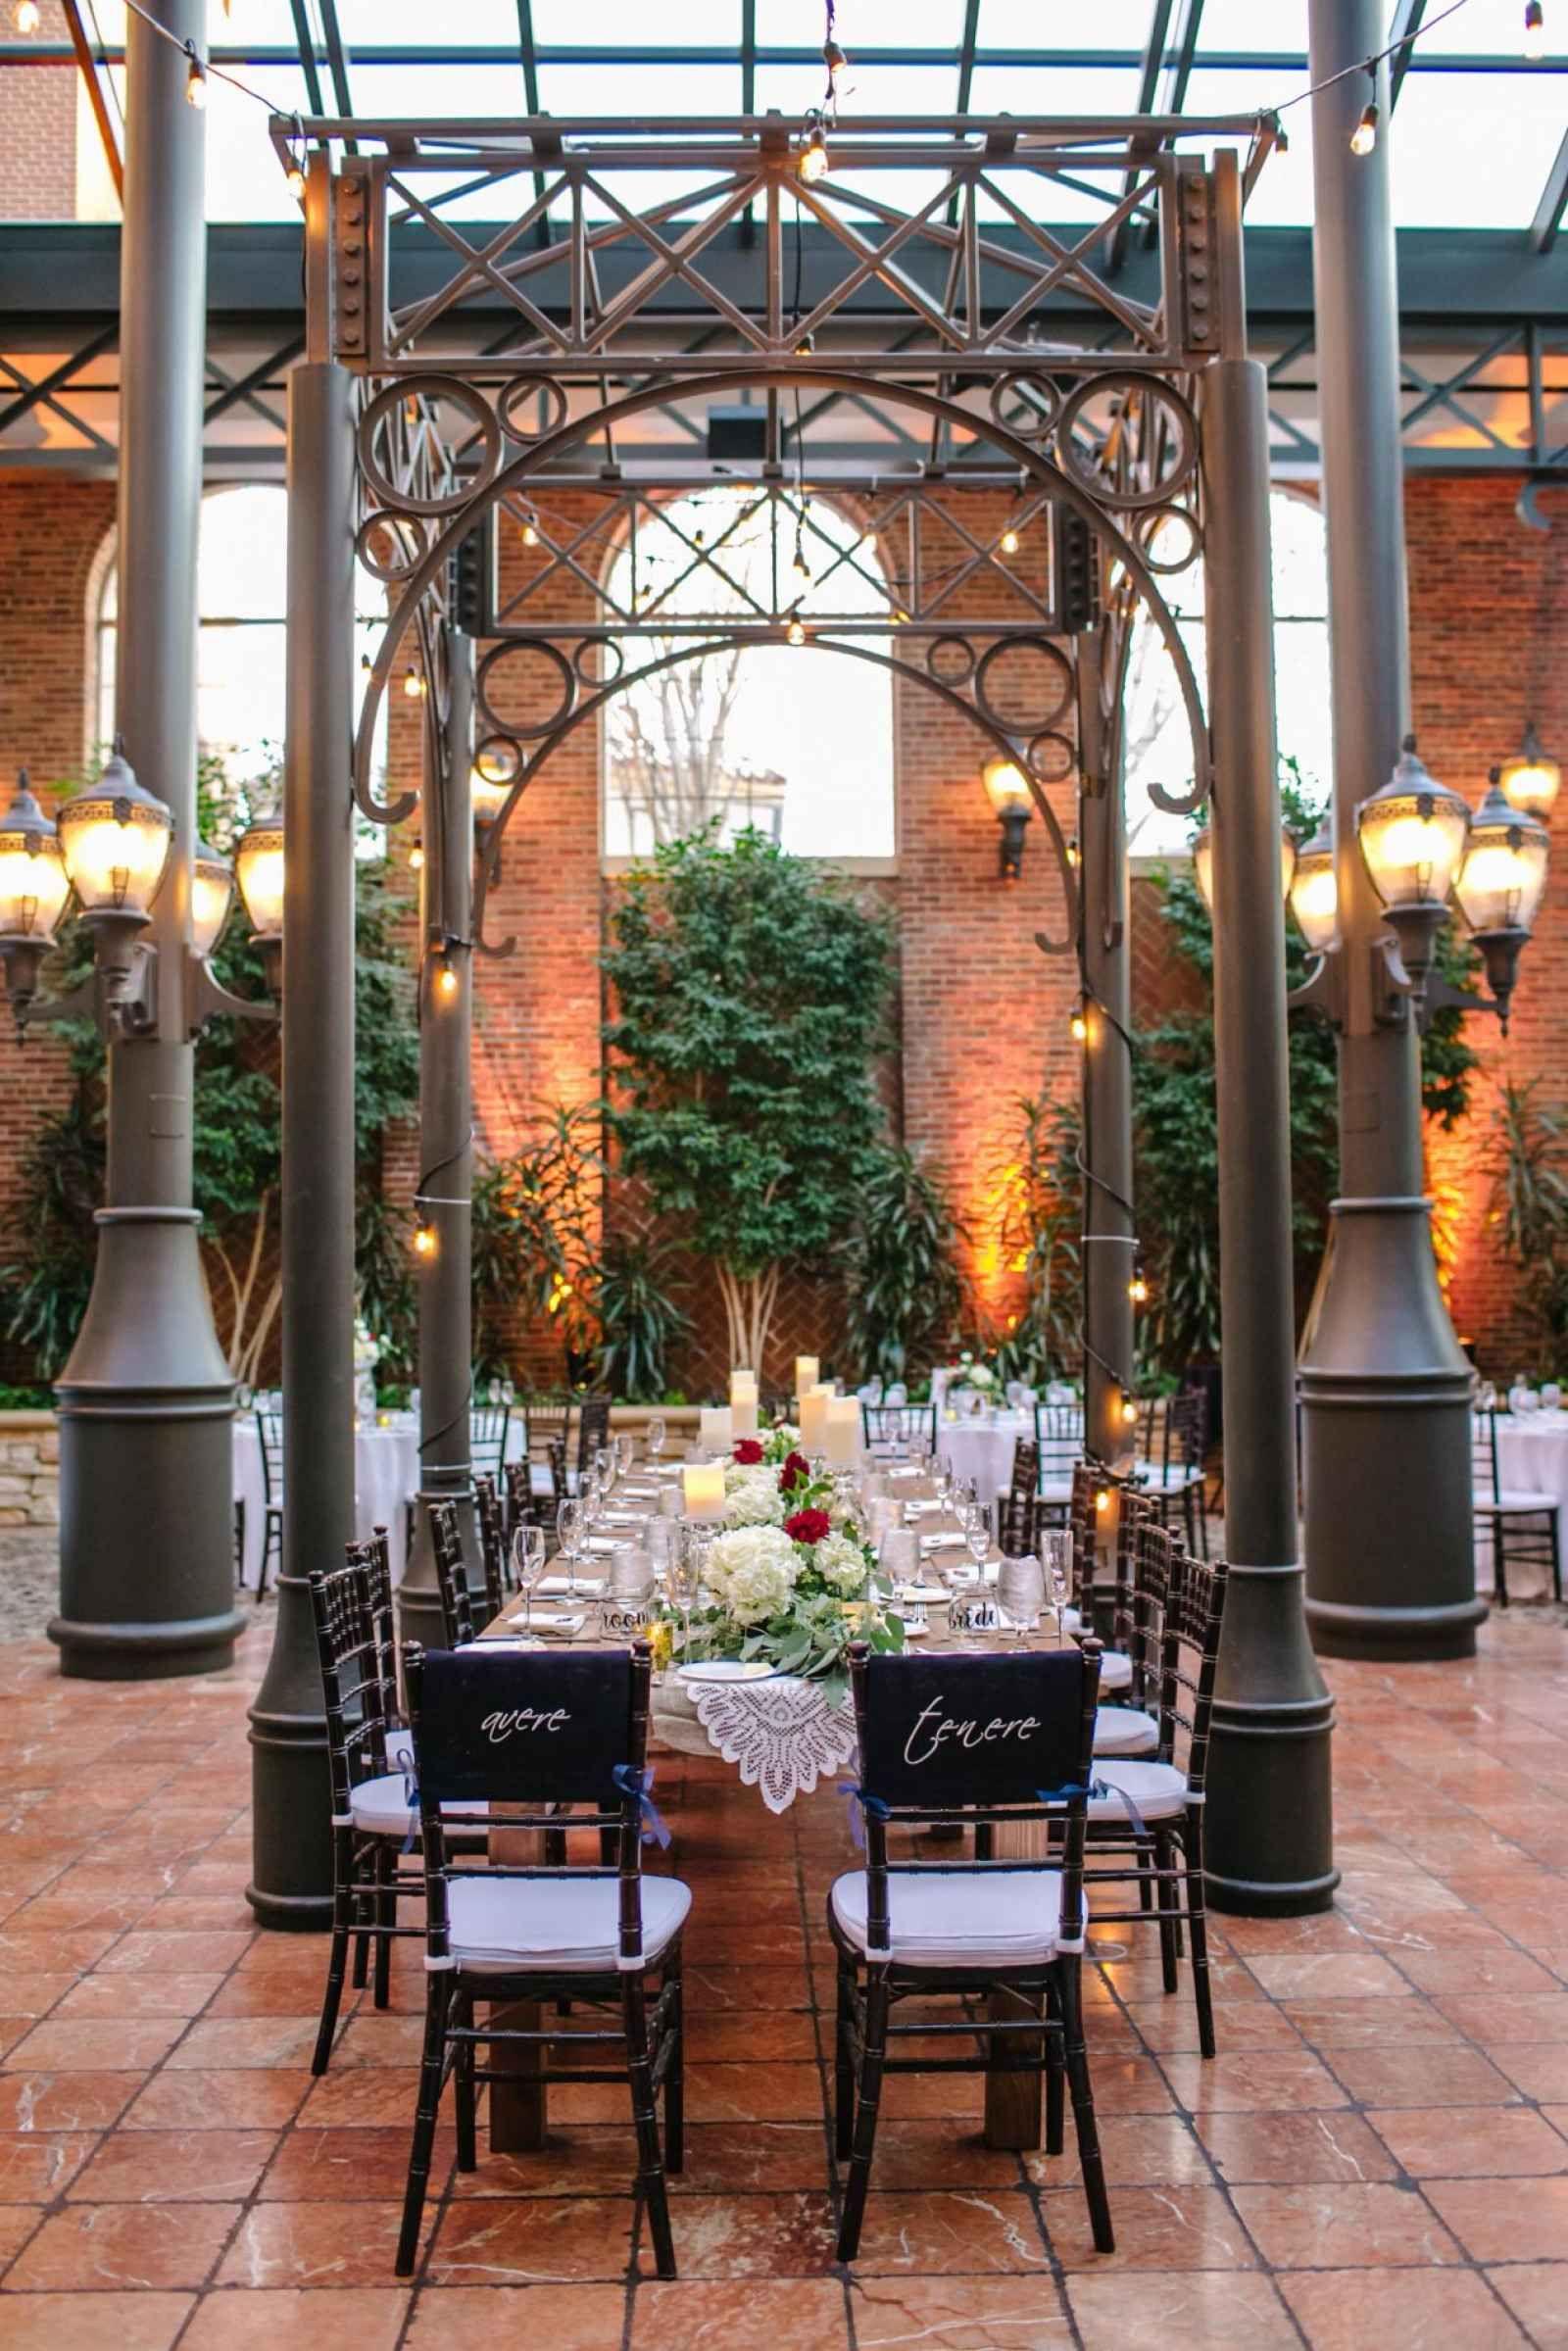 Atrium Wedding Reception The Story Of Nina And Marc Kieleszewski Weddingday Magazine